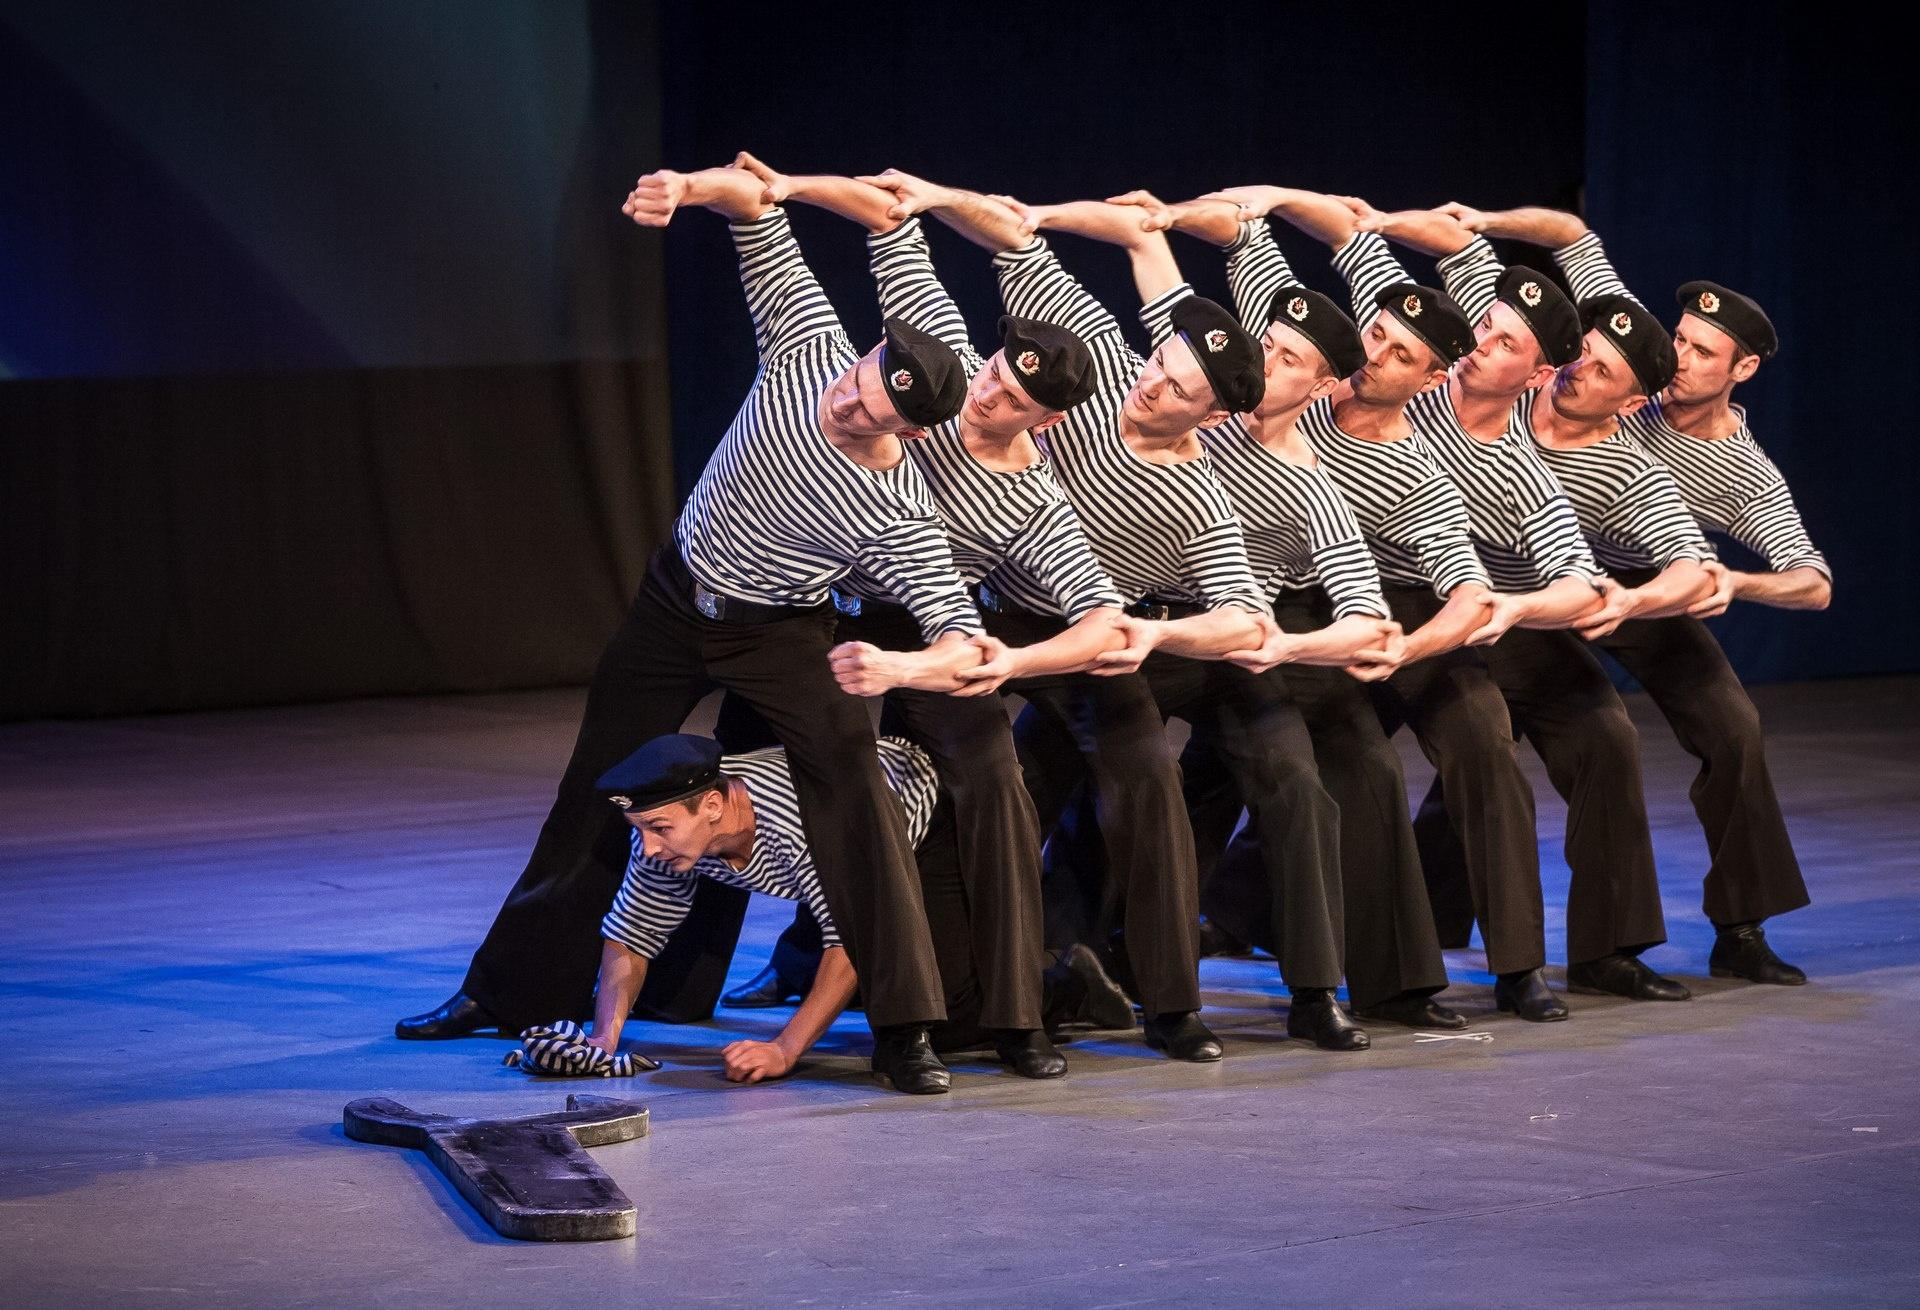 Движения механизмов точно показаны в танце